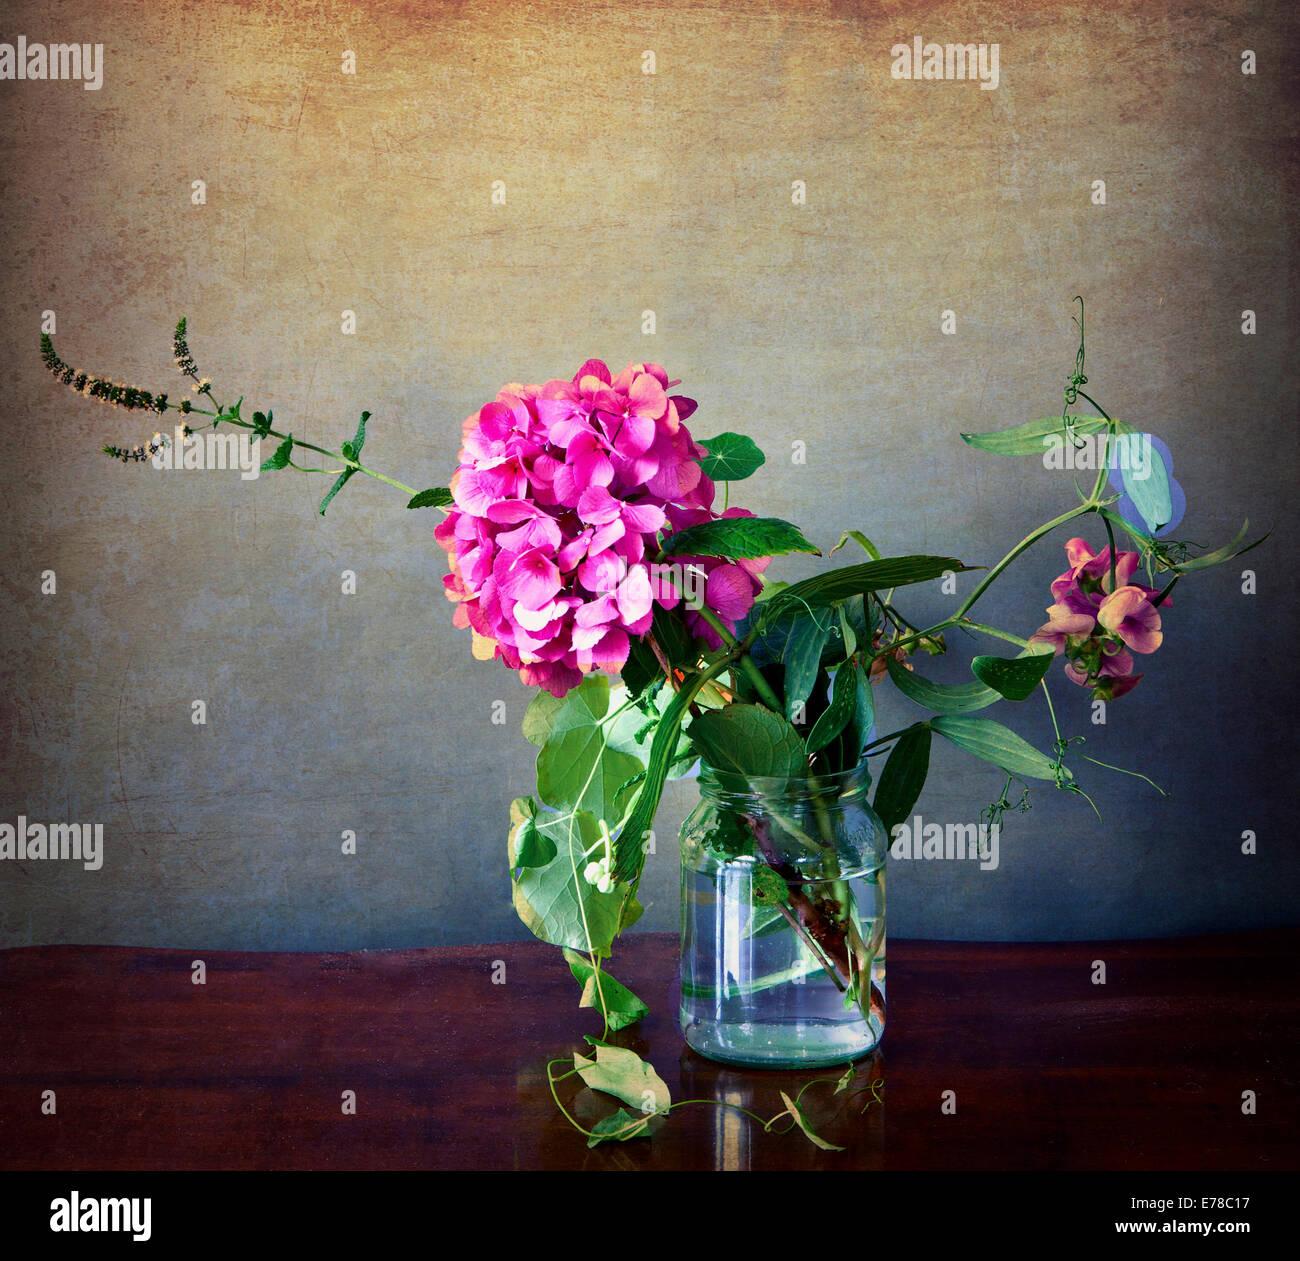 Rosa Hortensie und Feld Blumen in einem Glas mit Vintage Textur und Retro-Instagram-ähnliche Effekte hinzugefügt Stockfoto